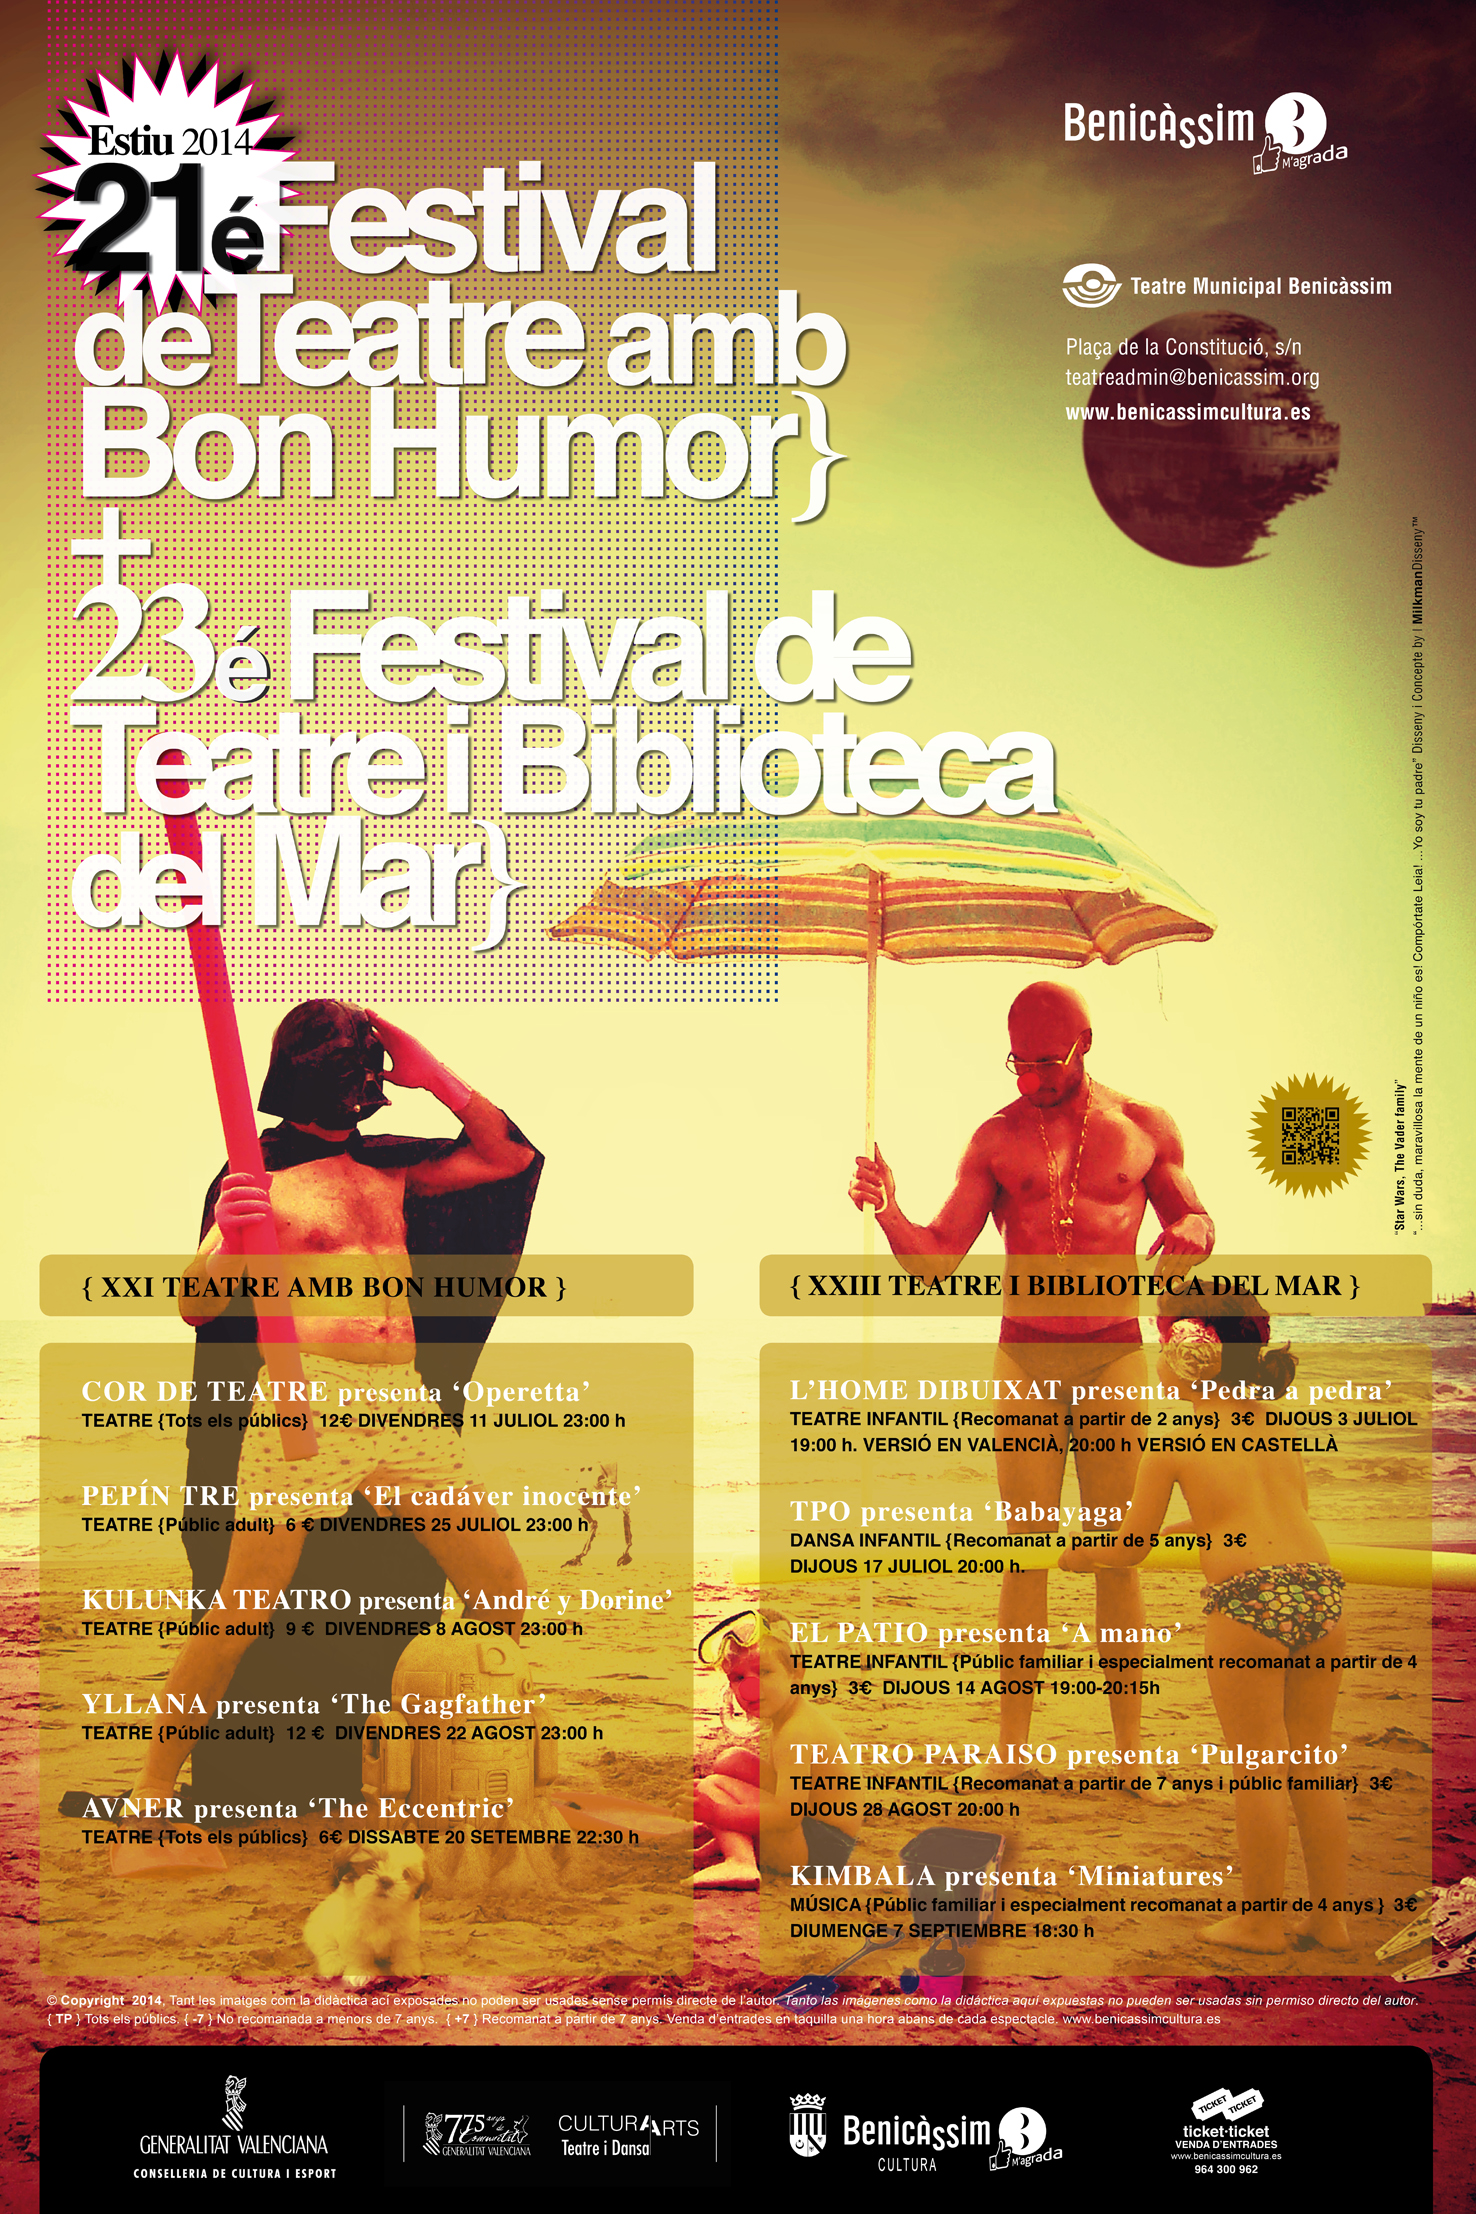 Benicàssim presenta los dos festivales de Teatro que llenarán el verano de buen humor y fantasía